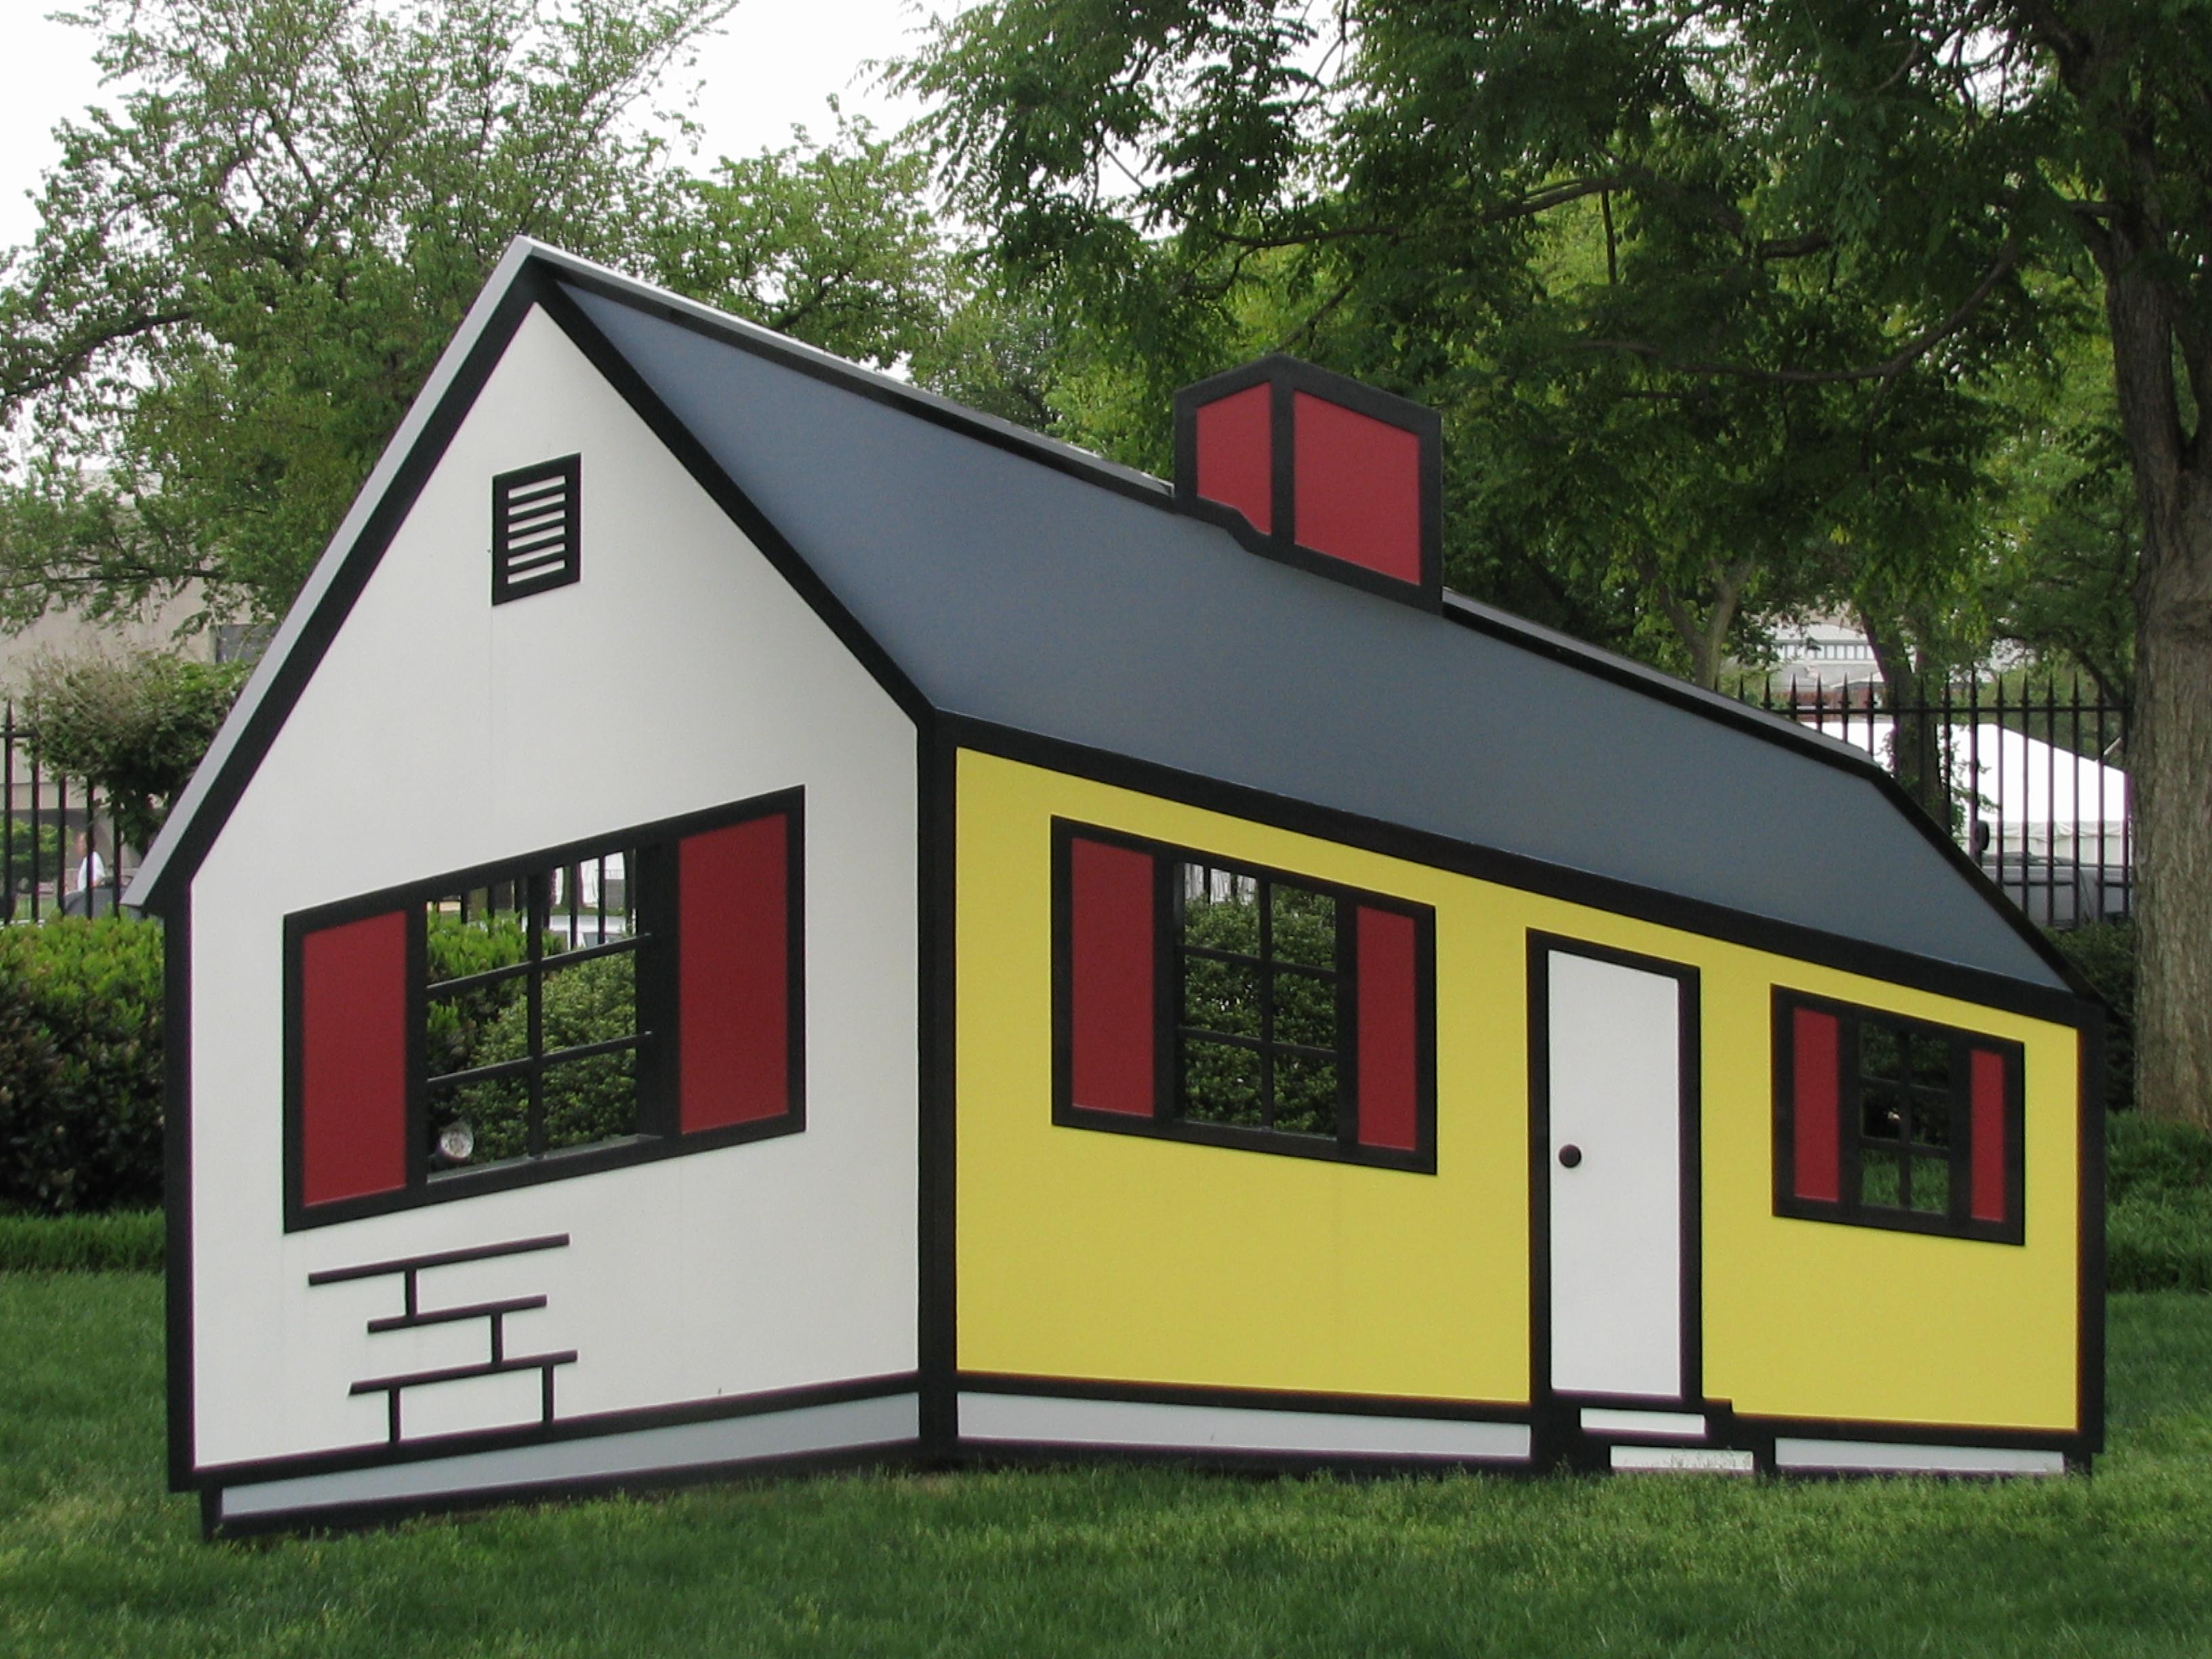 House I by Roy Lichtenstein - National Gallery Sculpture Garden ...